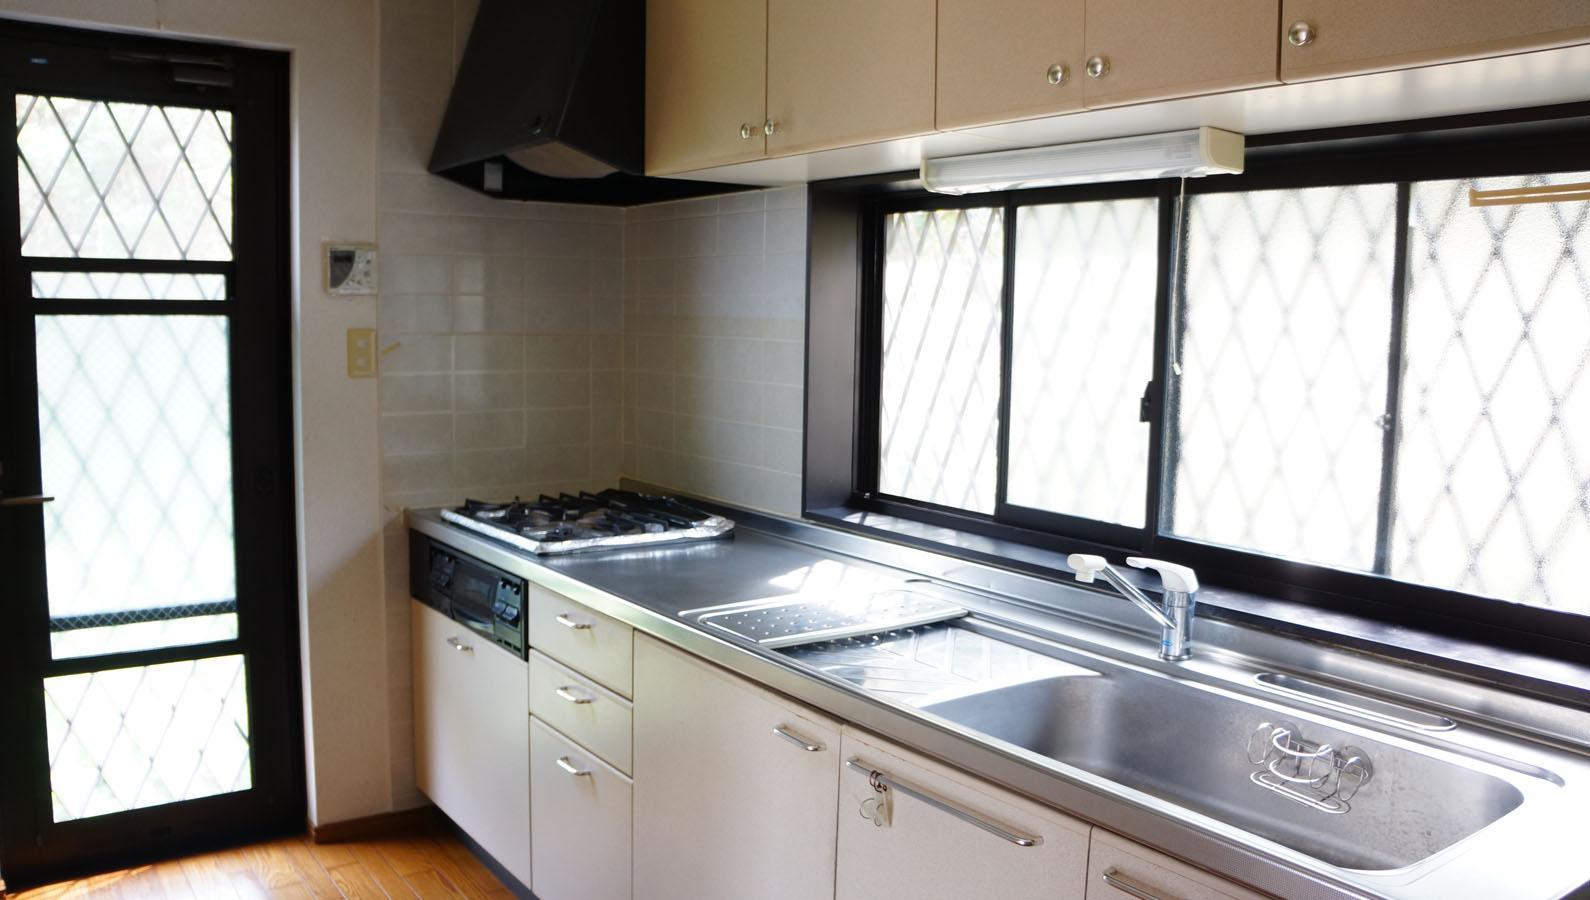 独立した幅広のキッチンは使い勝手良さそうです。